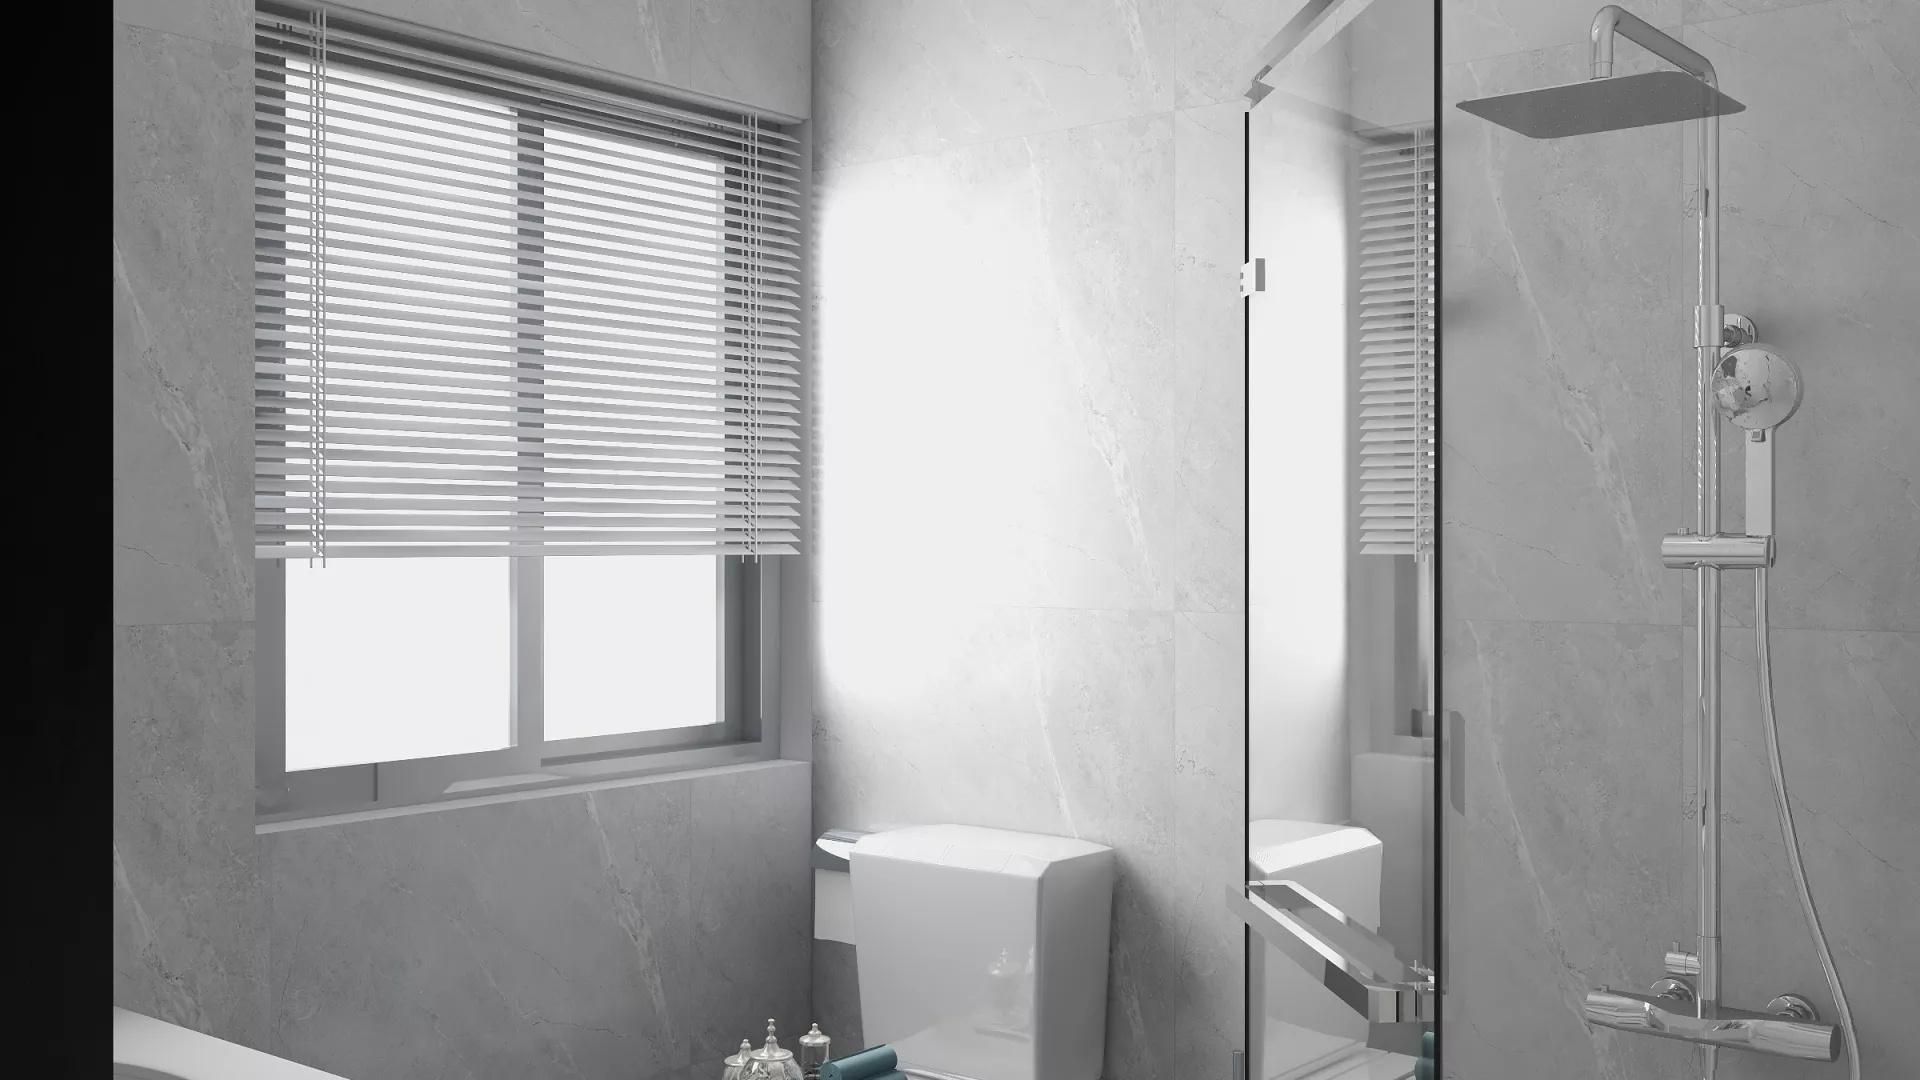 厨房卫生间照明设计 厨房卫生间照明分布